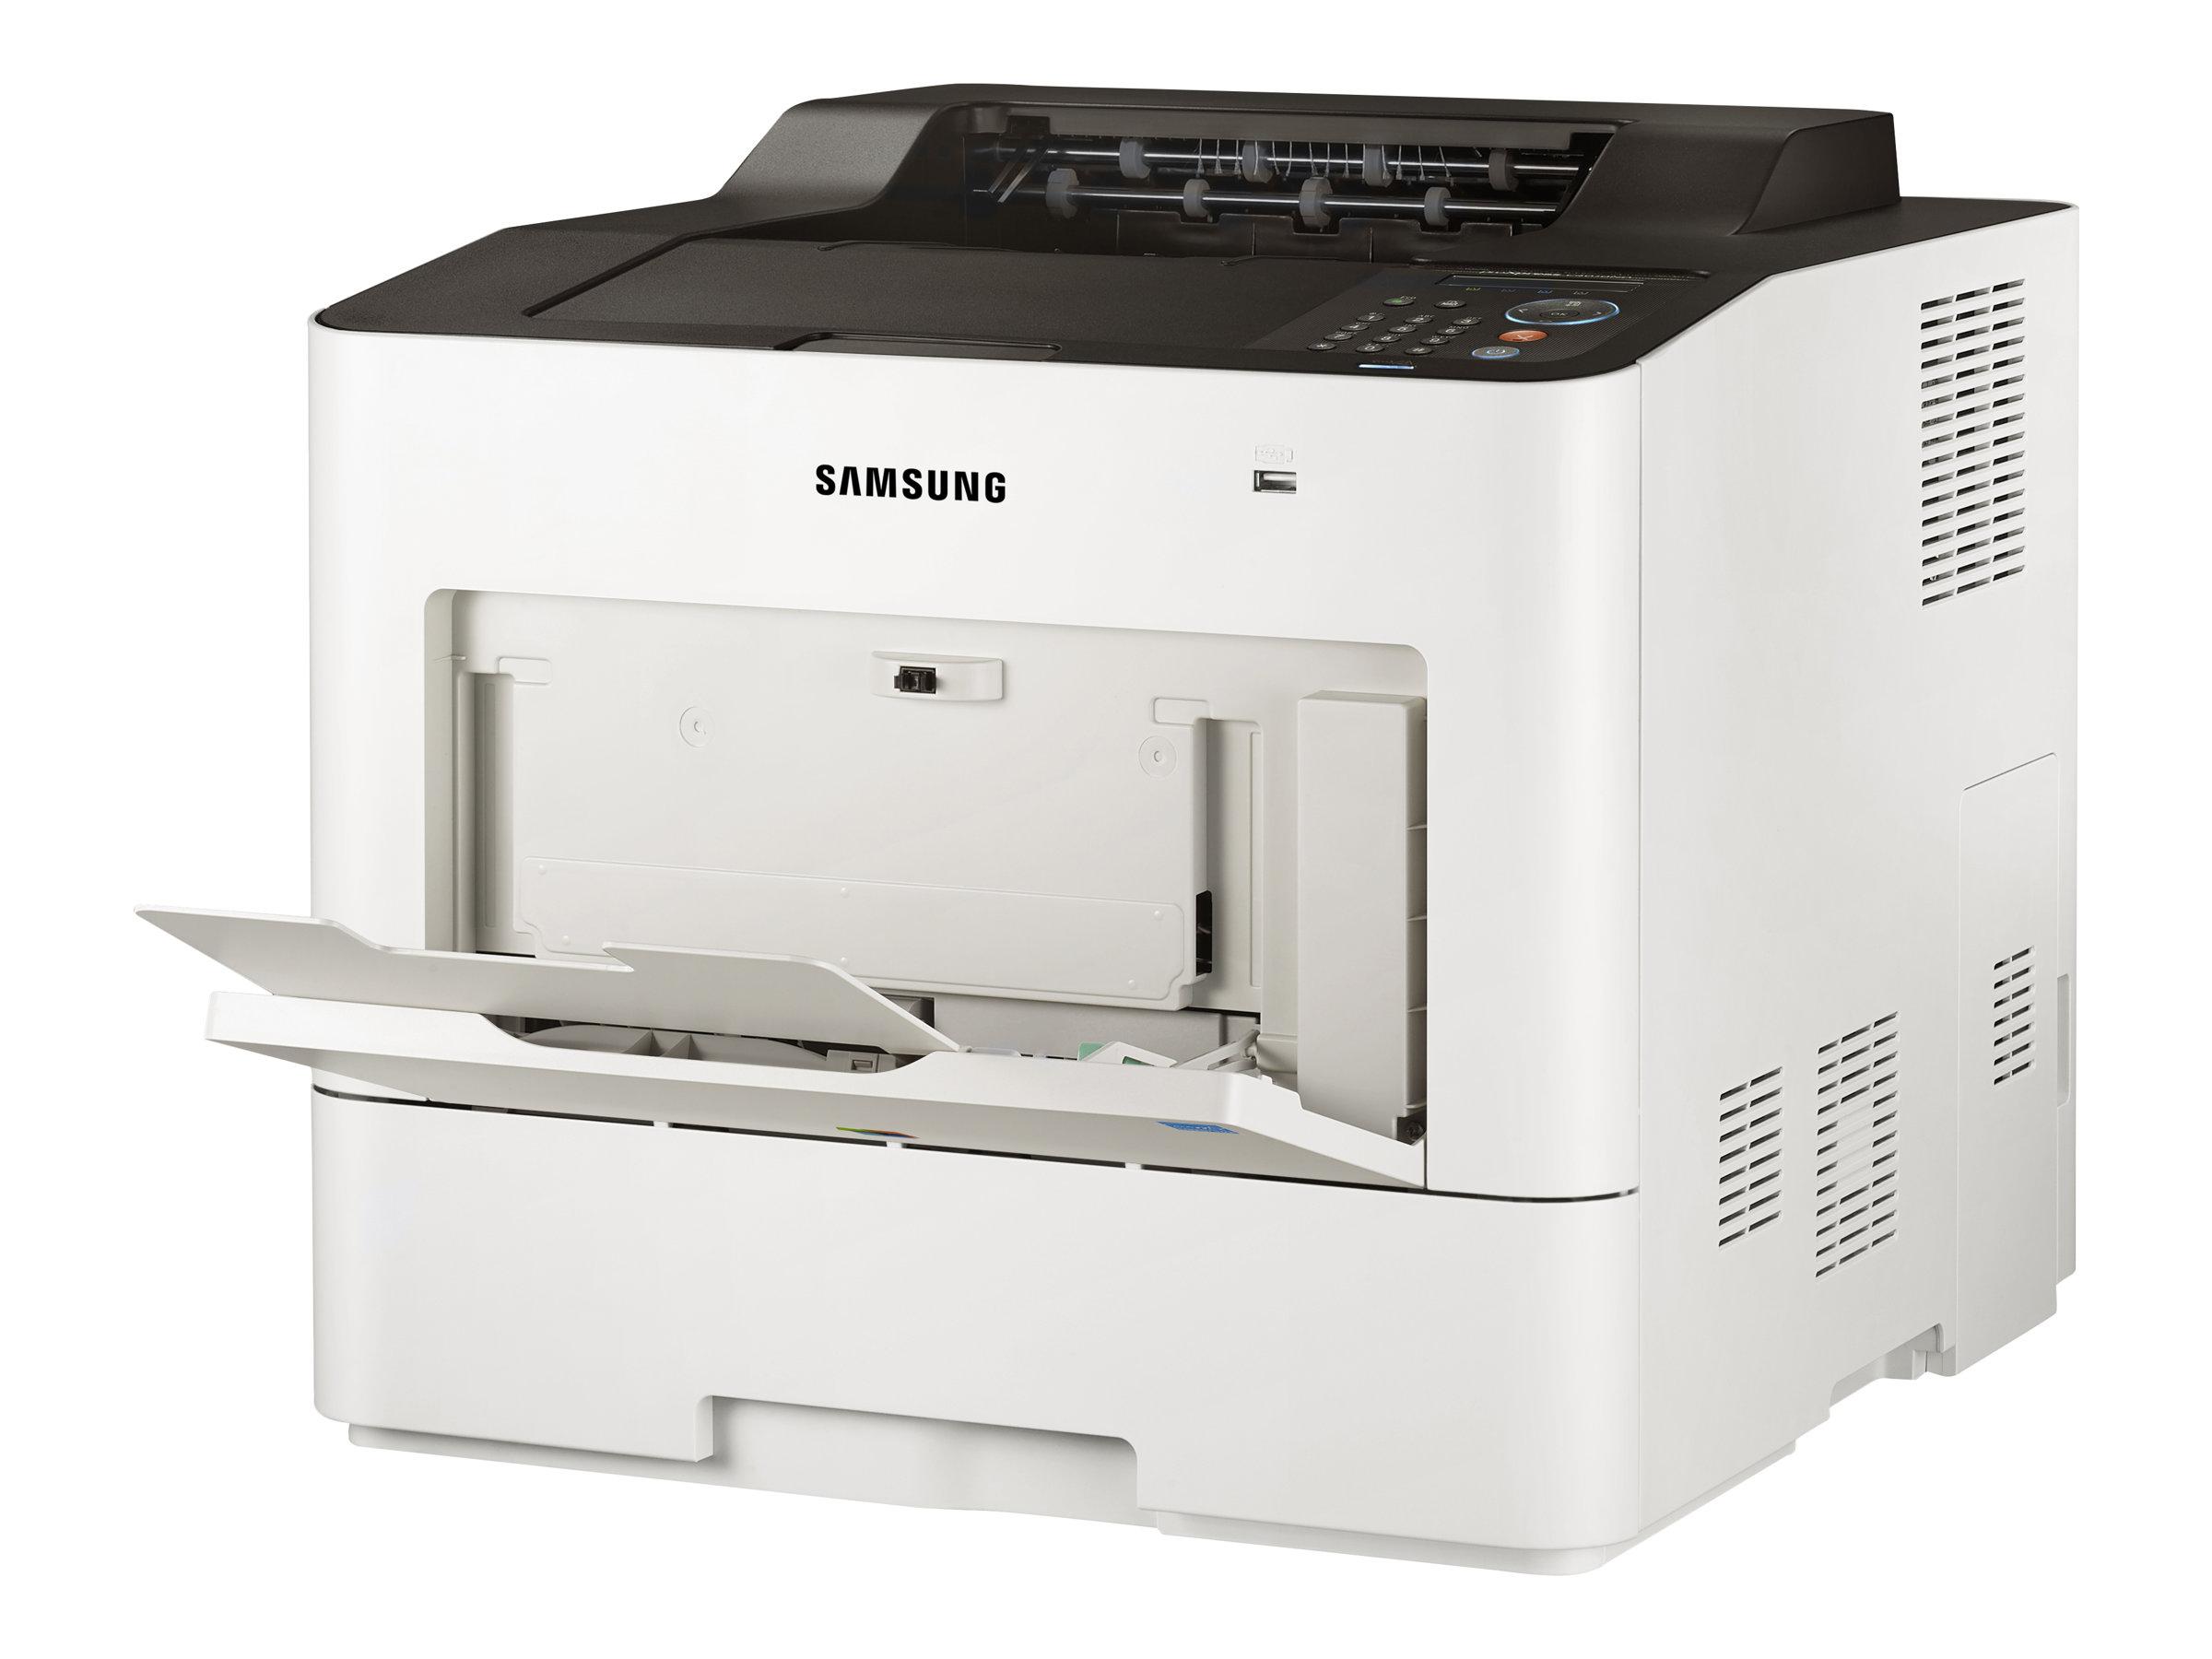 HP Samsung ProXpress SL-C4010ND - Drucker - Farbe - Laser - A4/Legal - 9600 x 600 dpi - bis zu 40 Seiten/Min. (einfarbig)/